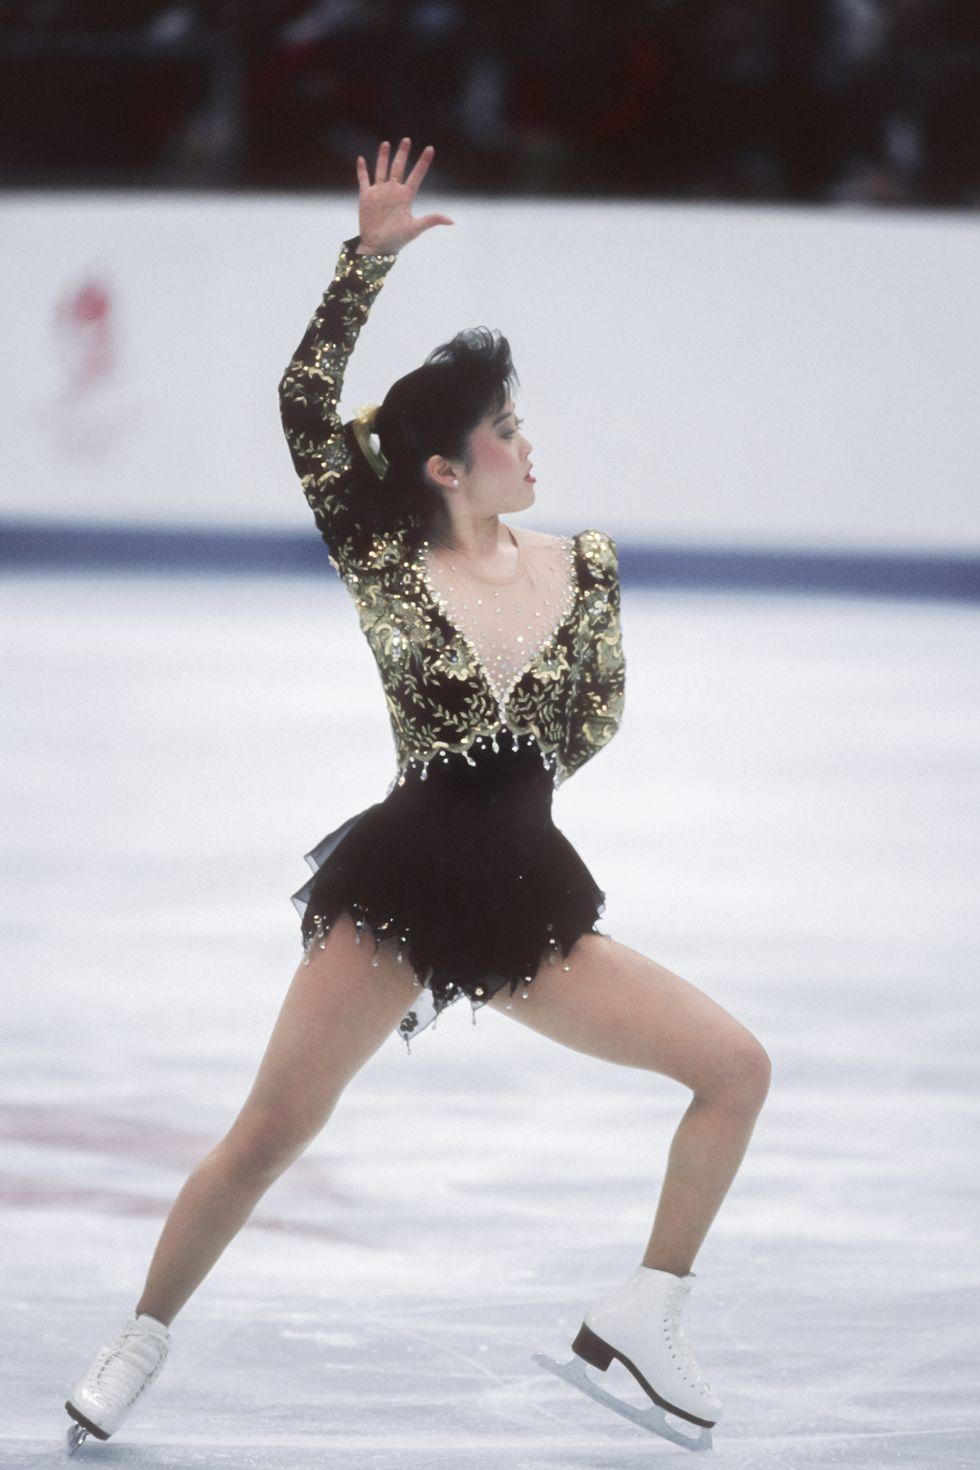 1992: Кристи Ямагучи Роклята в черно и златисто, която Кристи носи на печелившото си представяне в Албервил, се оказва толкова забележителна, че днес е на показ заедно с медала й в музея на Федерацията по фигурно пързаляне в Колорадо Спрингс.